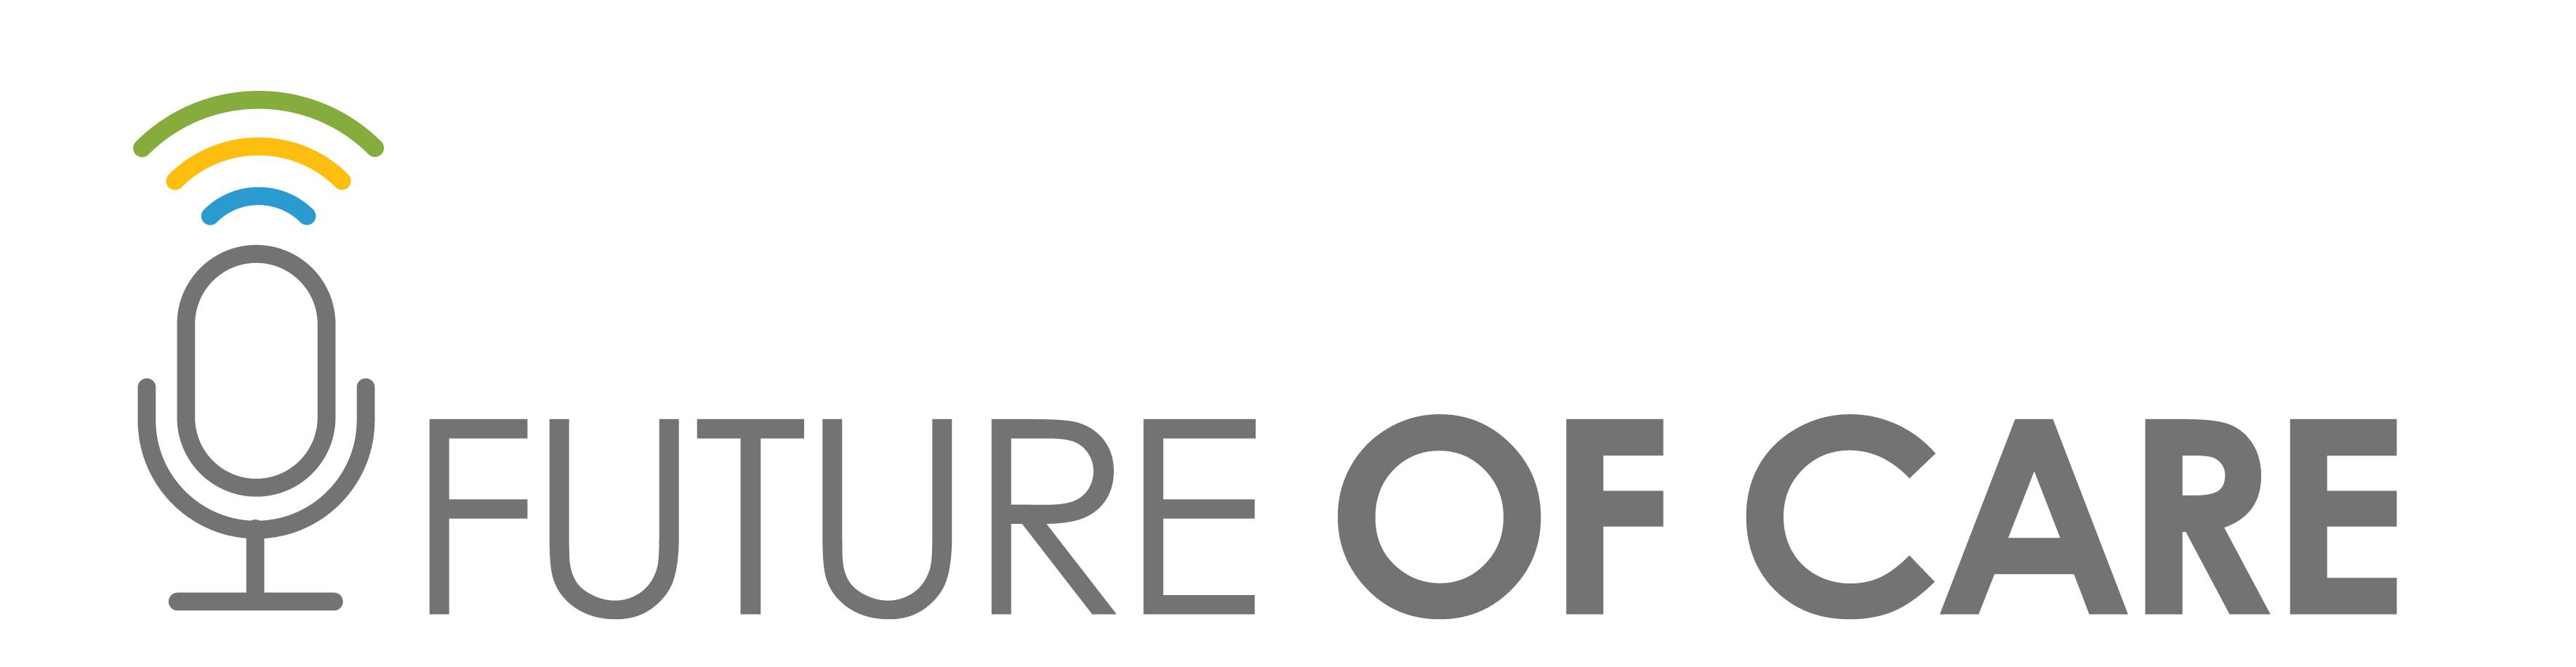 Future of Care 2019 white